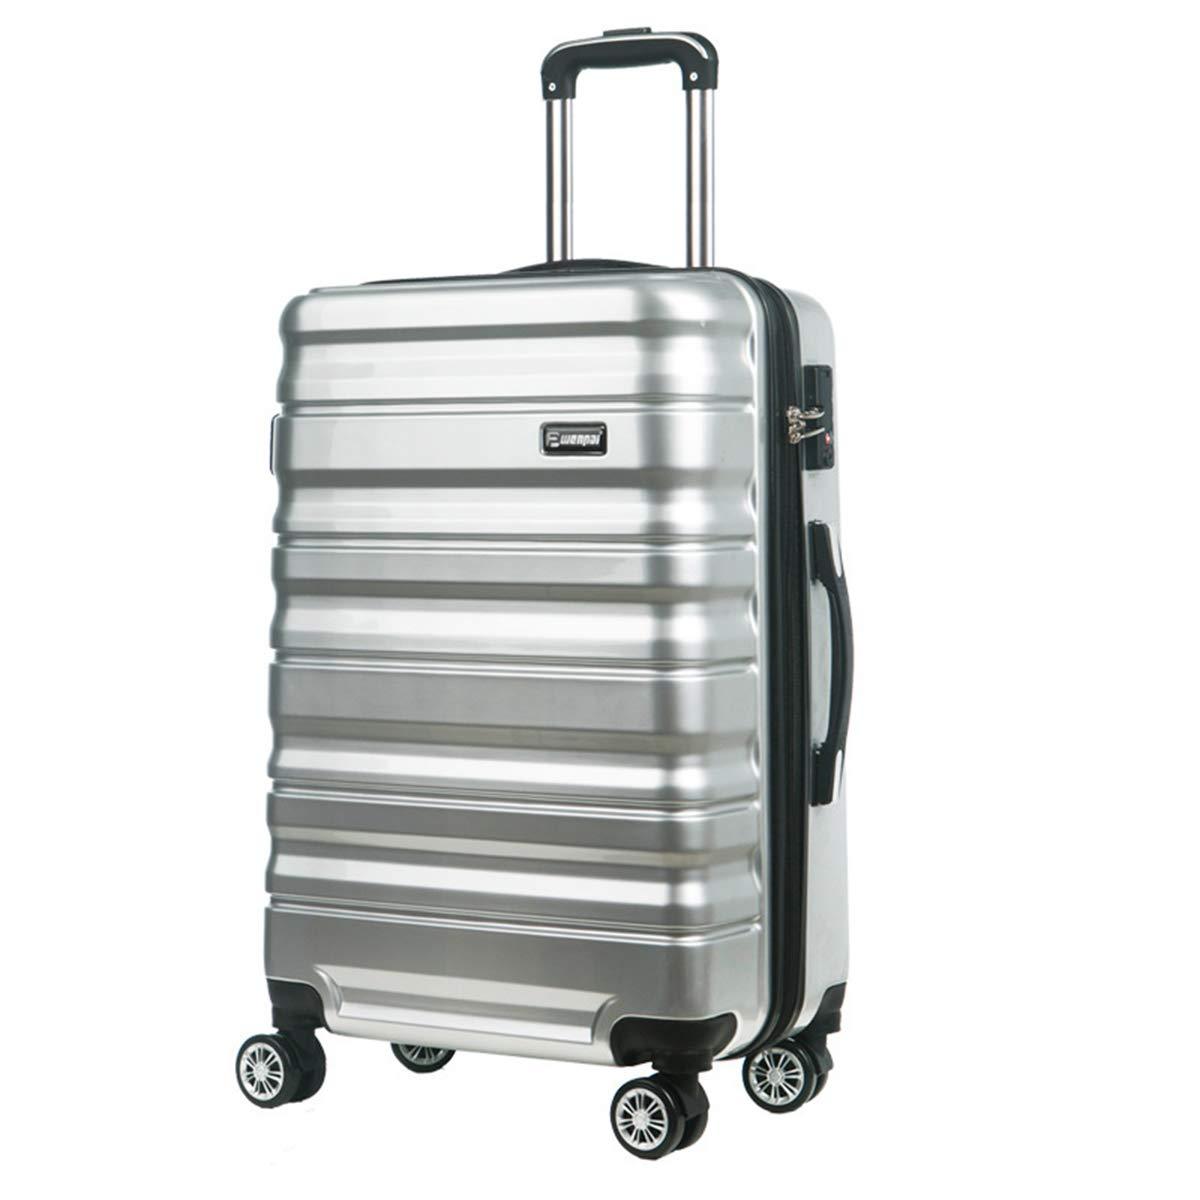 ユニセックス軽量ハードシェルトラベルトロリースーツケース荷物セットホールドオールキャビンケース,silver,24in B07RBV6BJ4 silver 24in